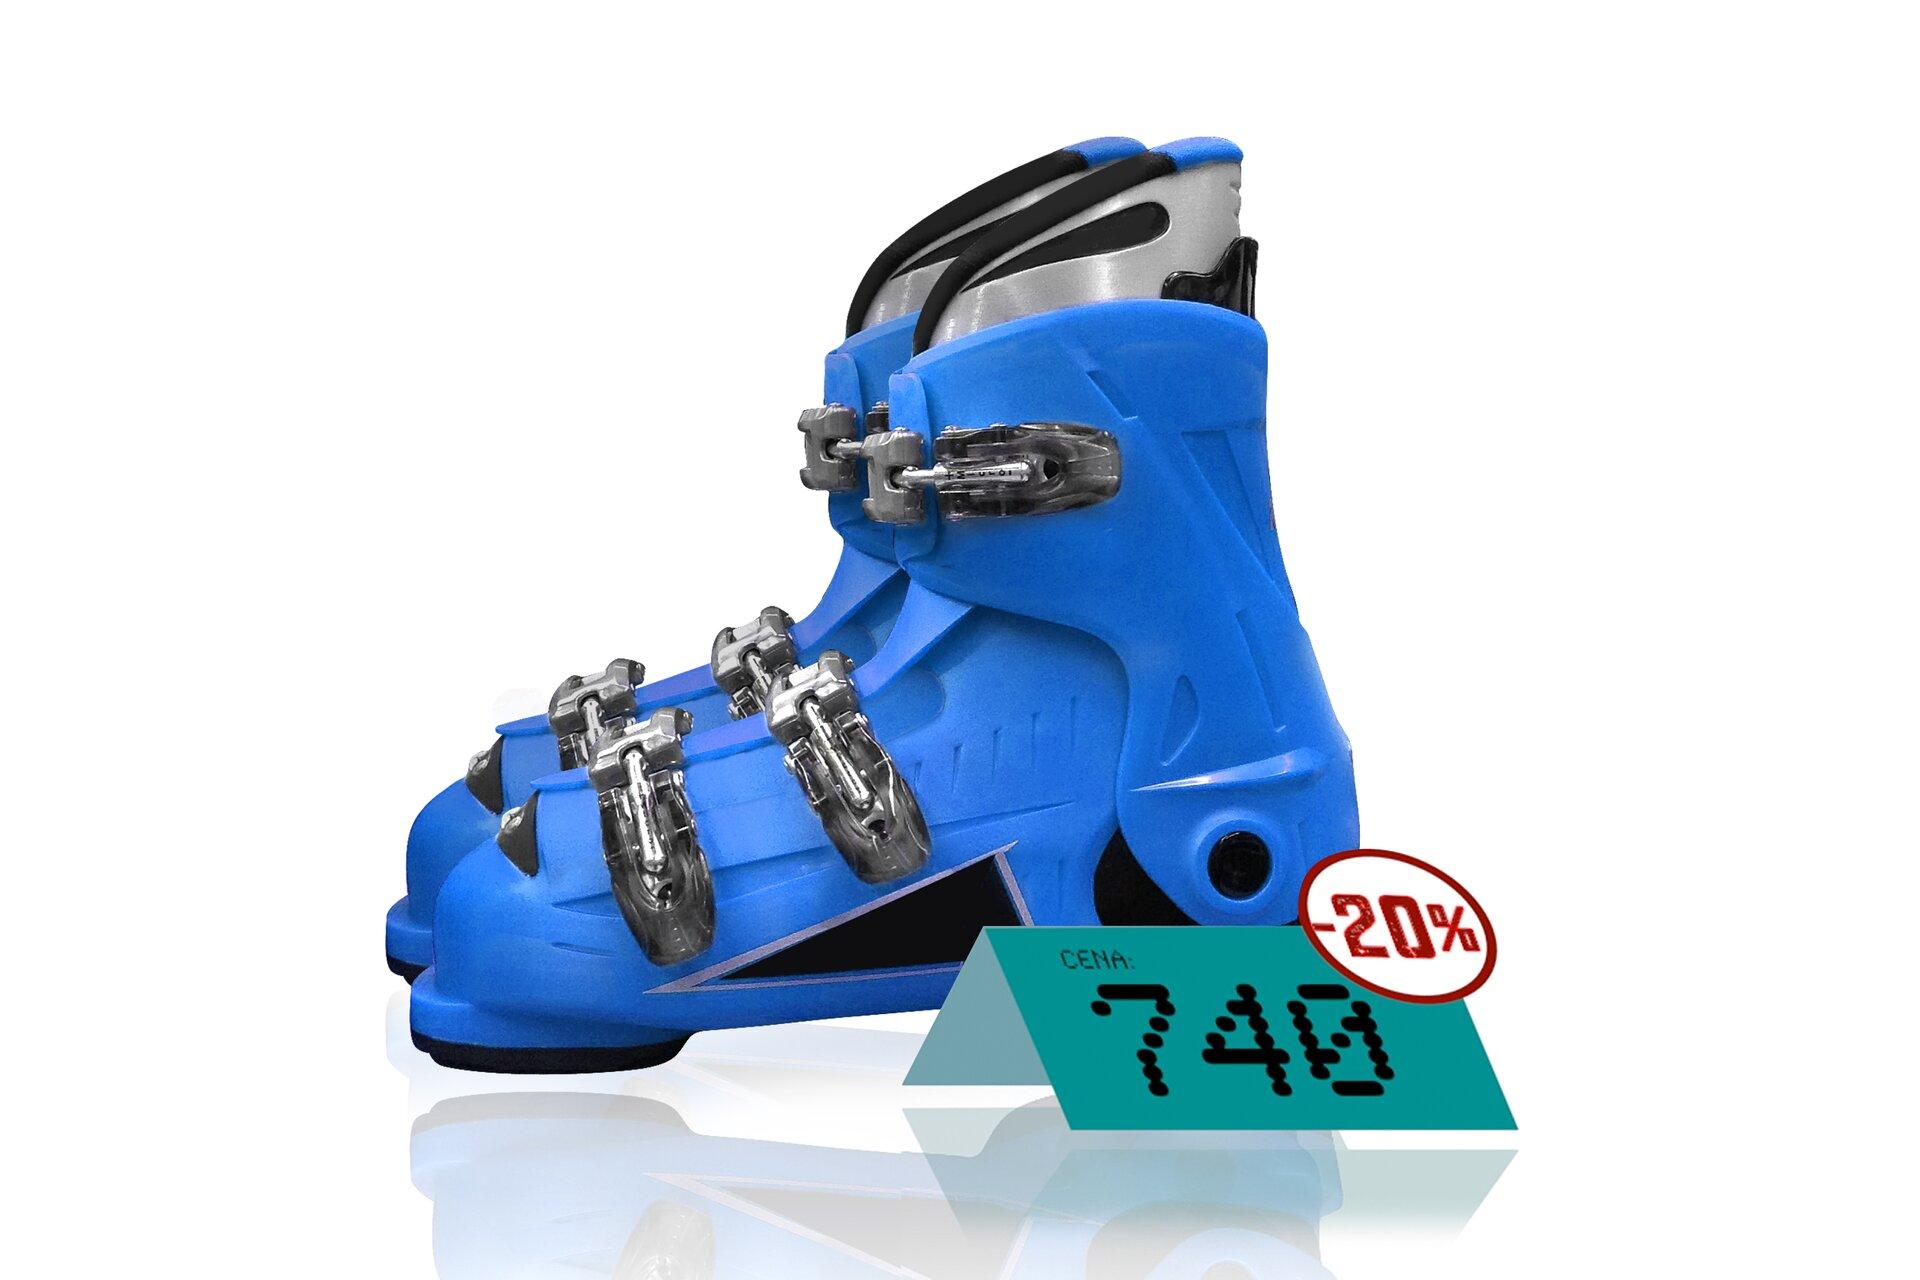 Rysunek butów narciarskich.